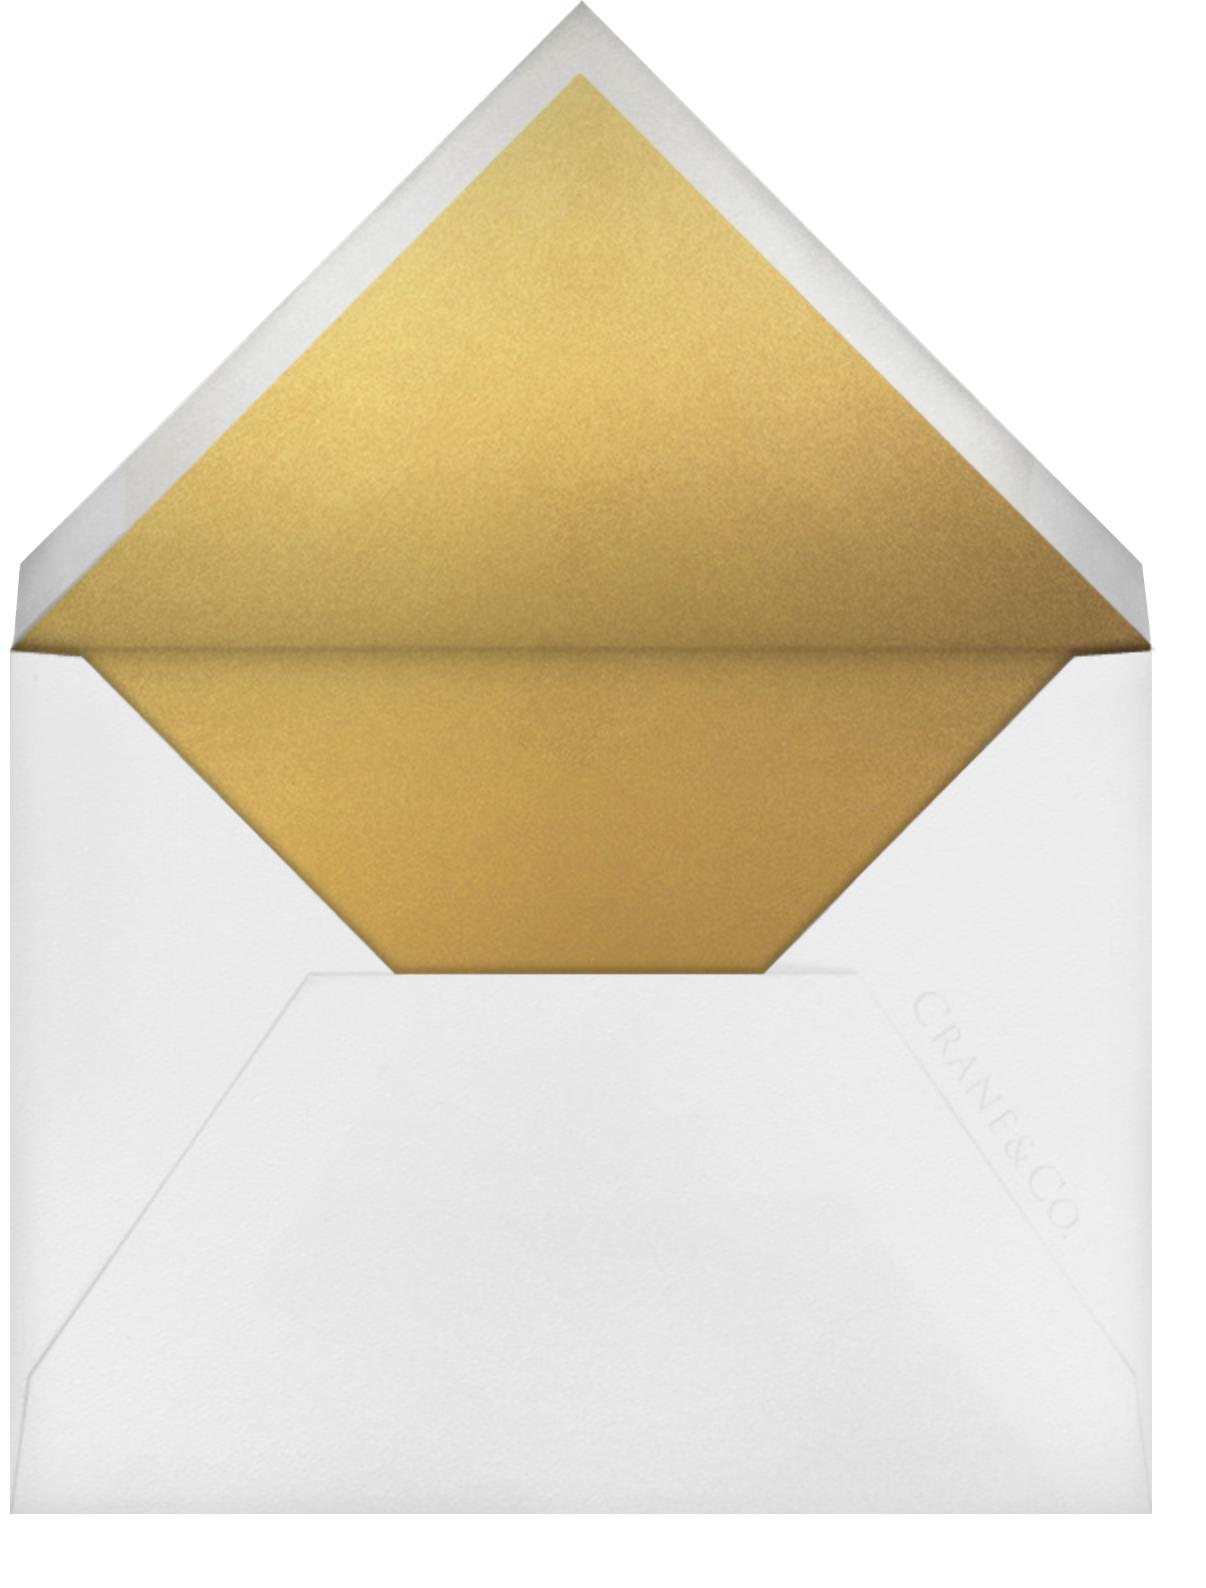 Van Alen Scallop I (Invitation) - Oscar de la Renta - Envelope